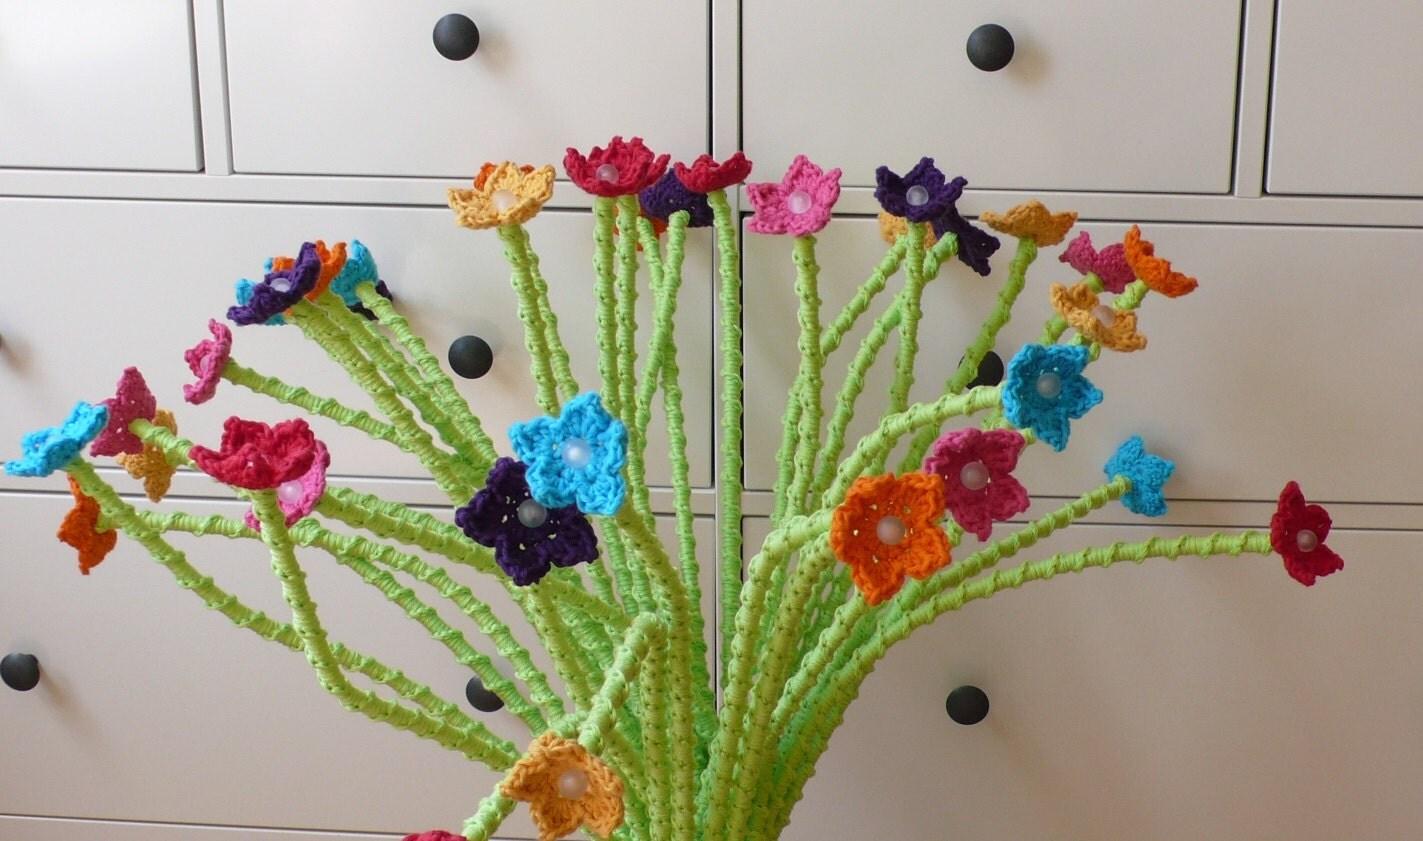 Lampade Ikea idee : Tavolo Da Parete Ikea : Cappelli Lampade Ikea: Idee per la primavera ...